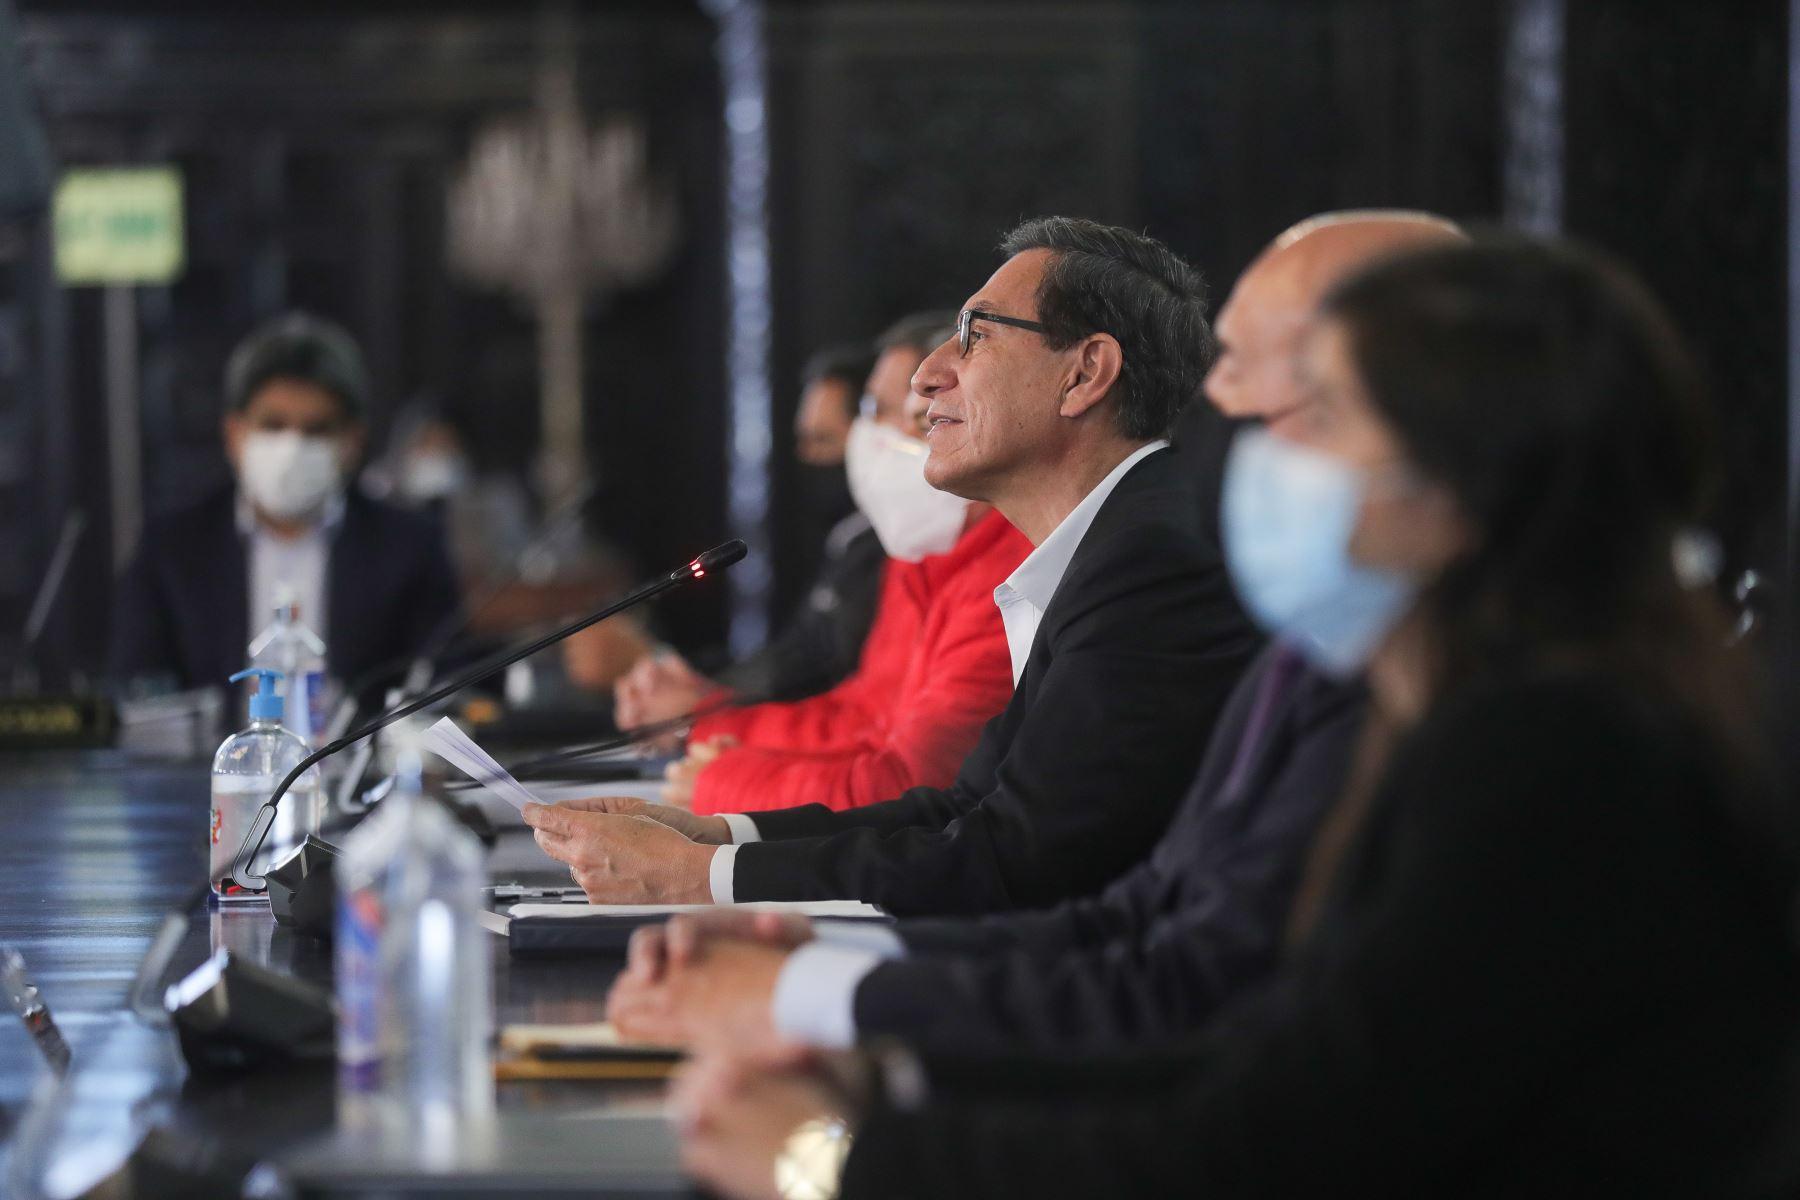 El presidente de la República, Martín Vizcarra, hace un alto en la sesión del Consejo de Ministros, para brindar junto a su gabinete ministerial, un pronunciamiento en torno a las nuevas medidas que adoptará el gobierno frente a la pandemia. Foto: ANDINA/Prensa Presidencia